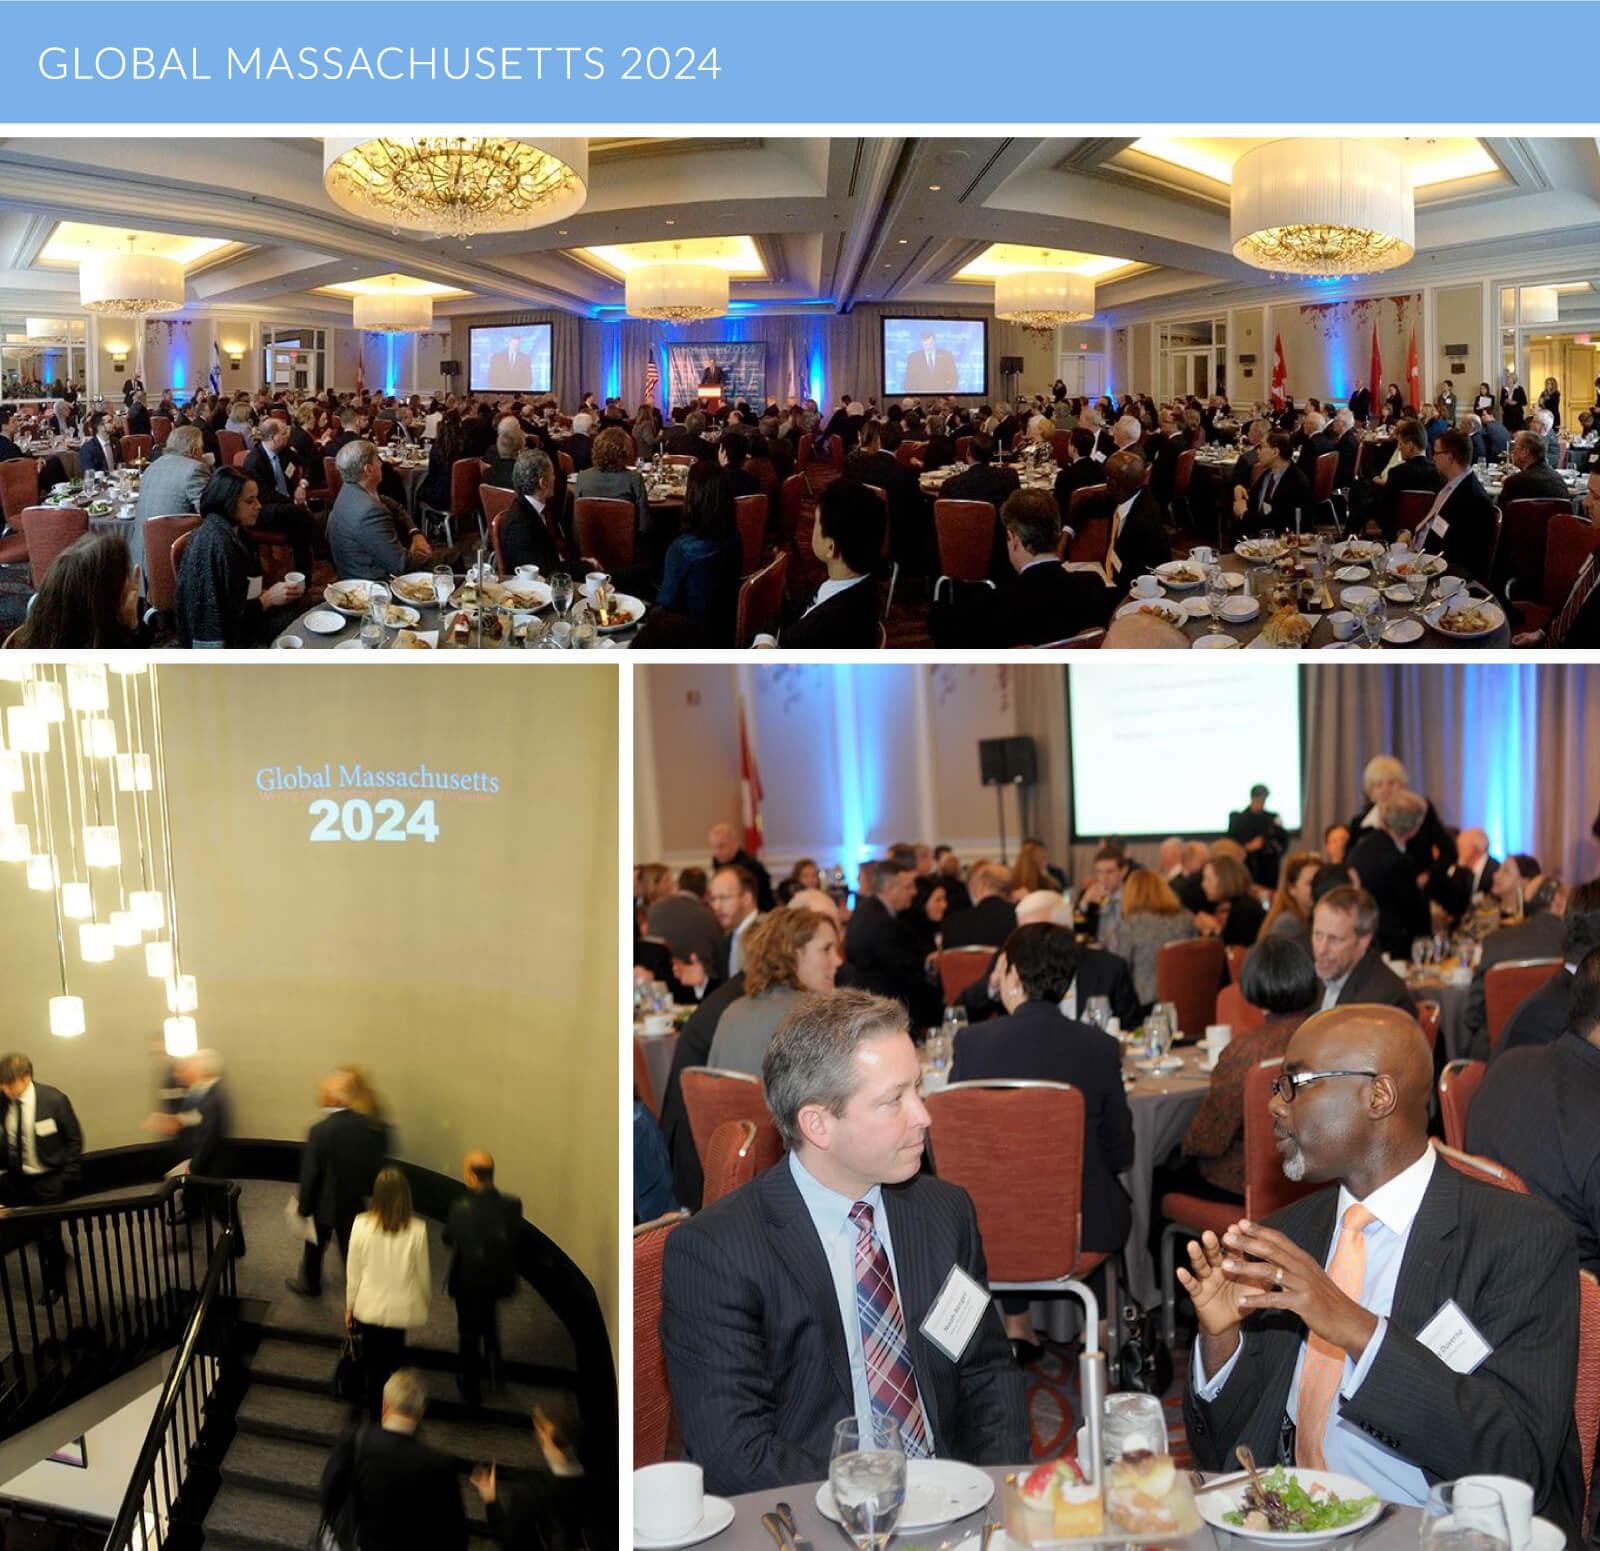 Global Massachusetts 2024